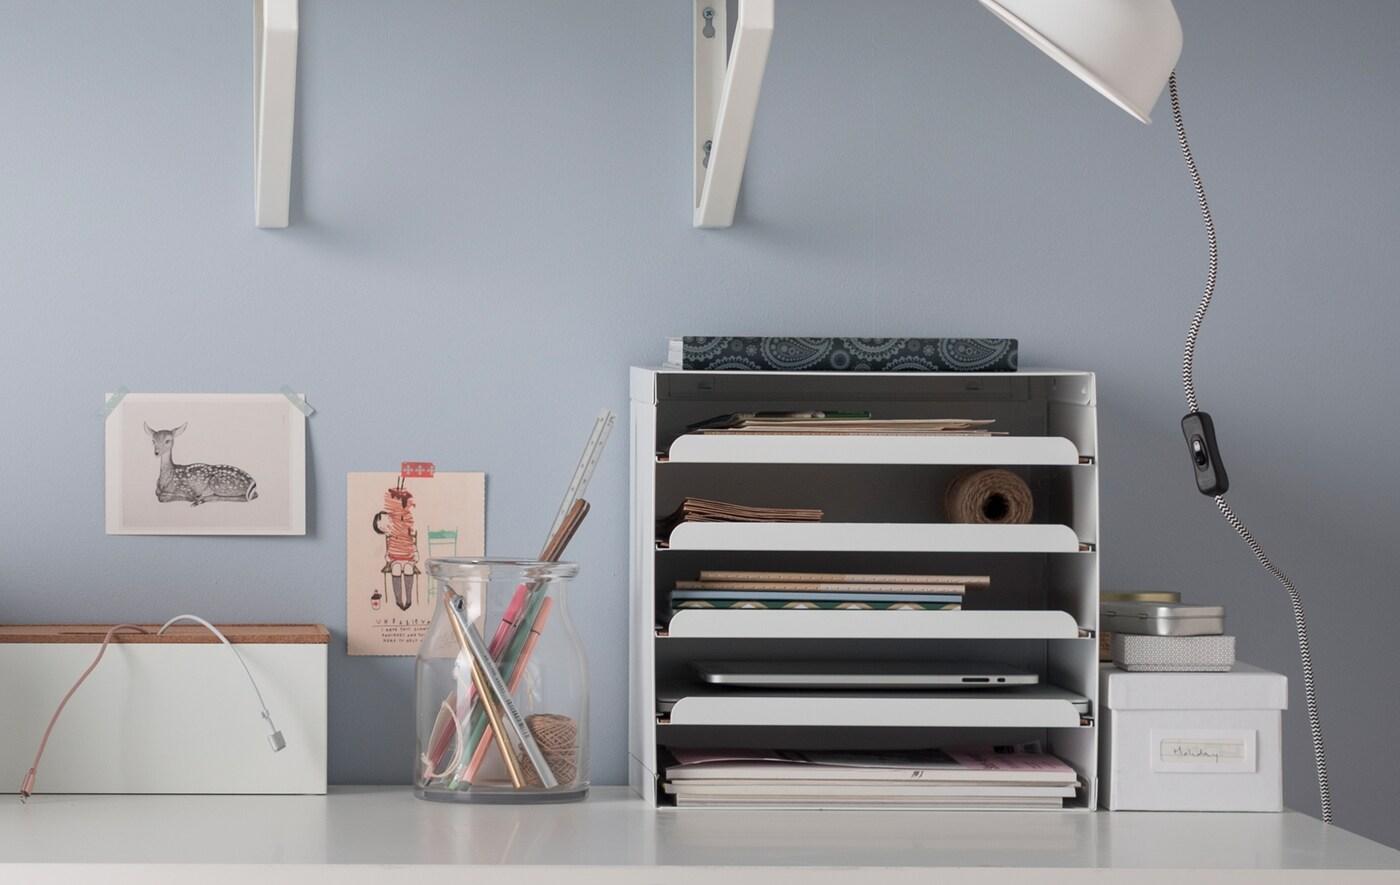 Un escritorio blanco con soluciones de organización prácticas: una bandeja para documentos y tabletas, cajas, un organizador de cables y un tarro de vidrio para bolígrafos.